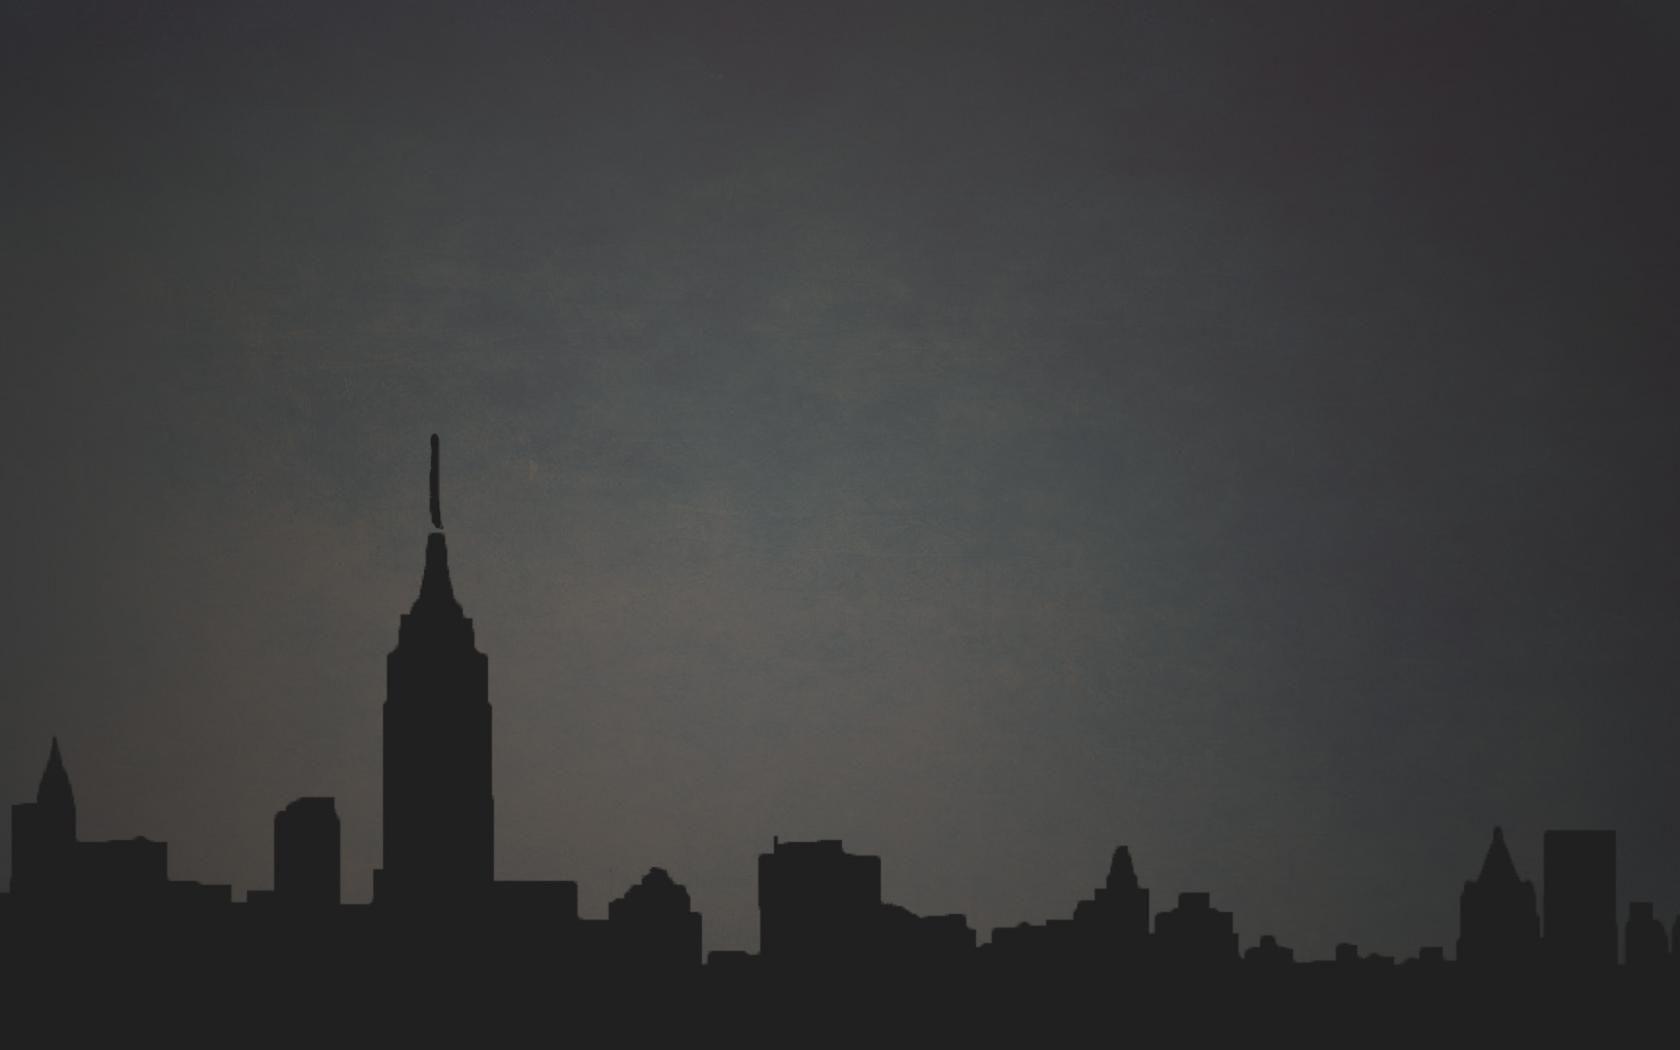 Город, минимализм, темный фон обои для рабочего стола ...